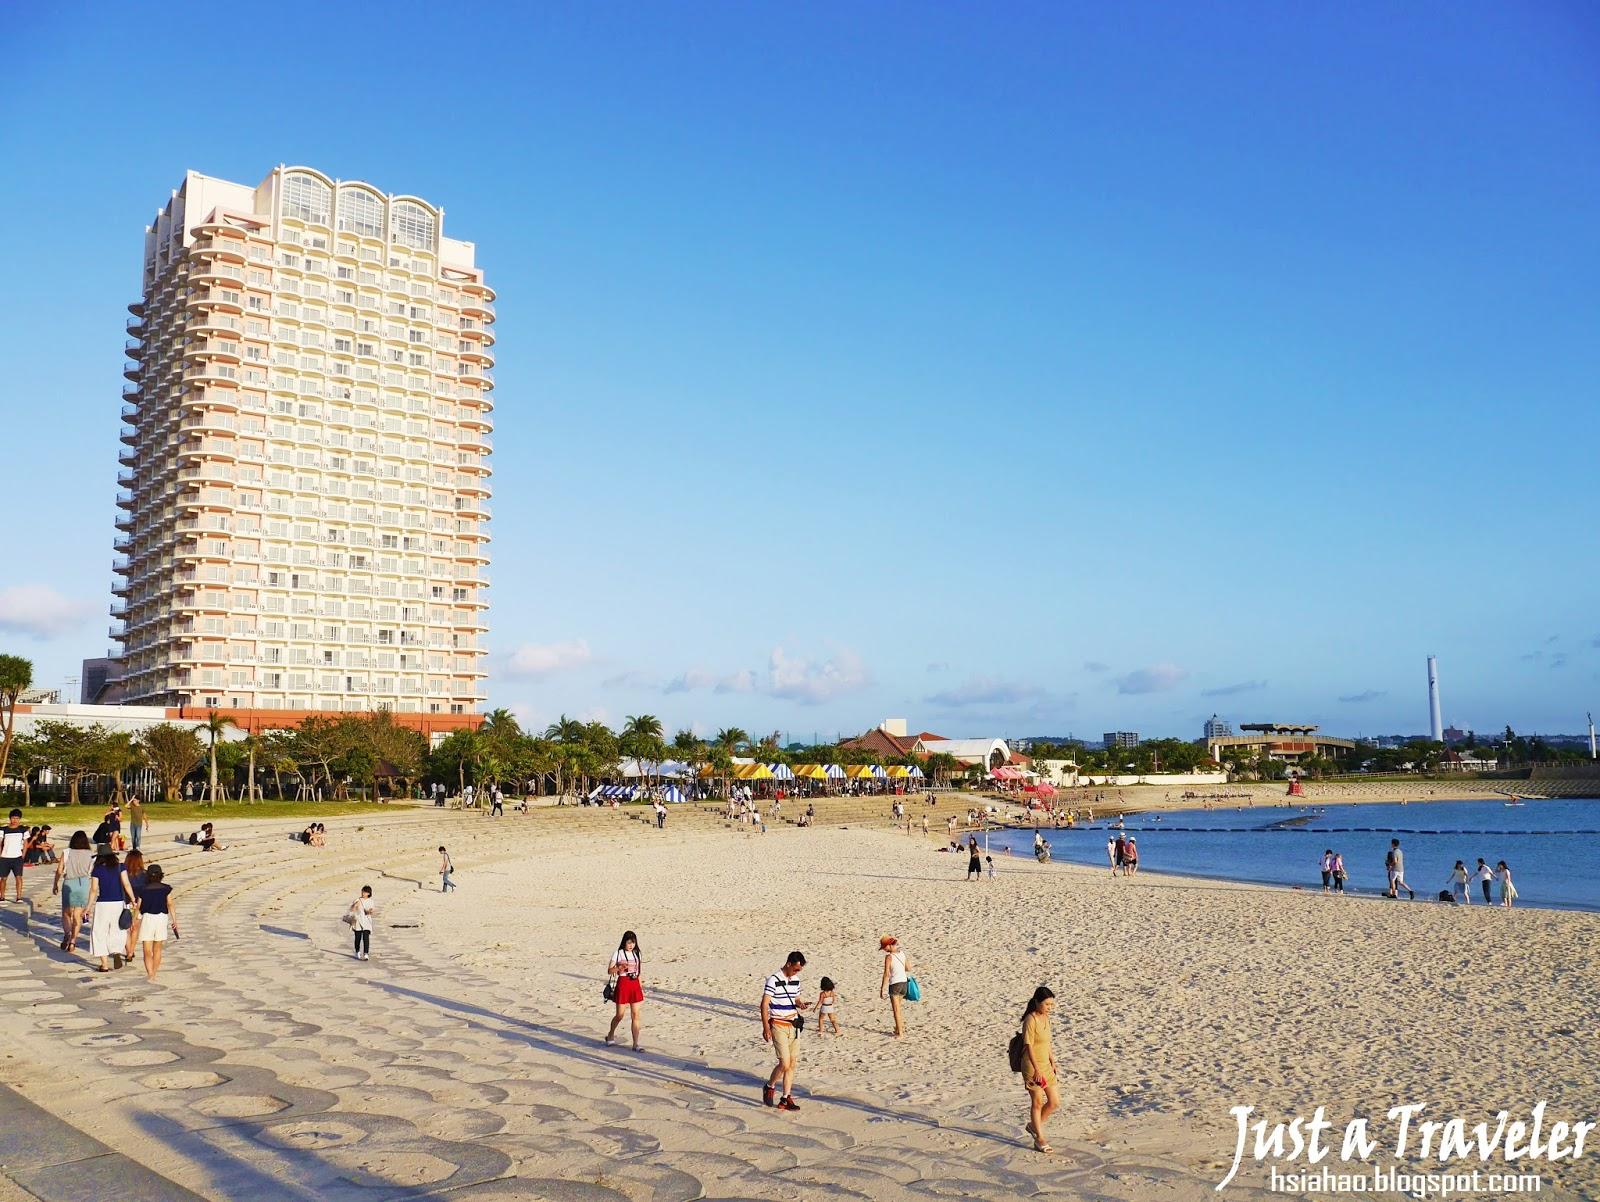 沖繩-海灘-推薦-日落海灘-Sunset-Beach-サンセットビーチ-Okinawa-beach-recommendation